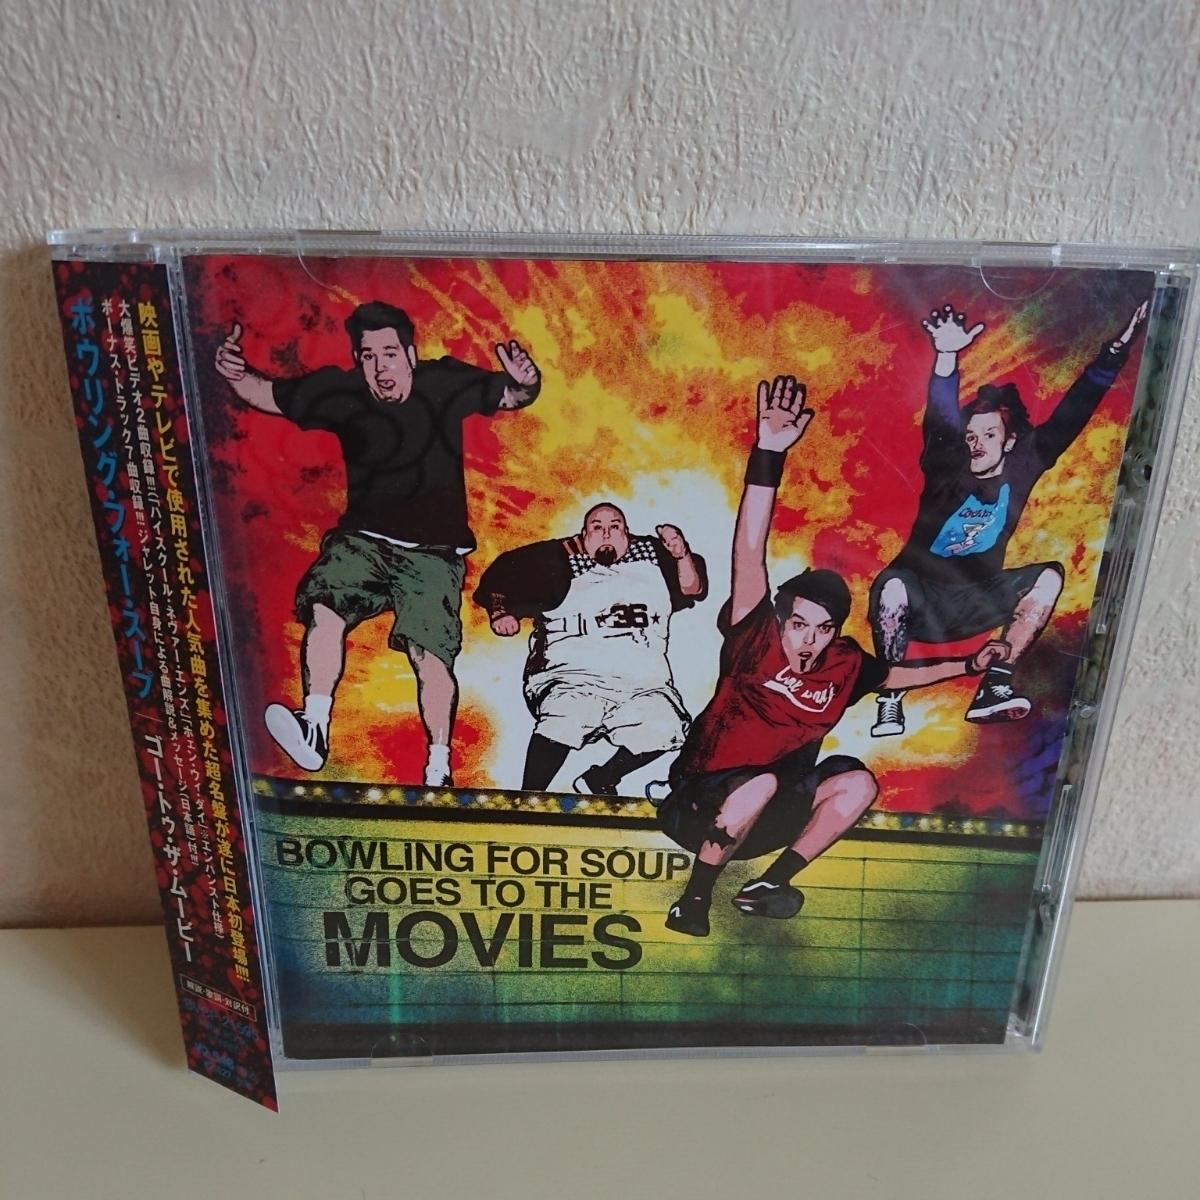 状態良好 CDアルバム「ゴートゥザムービー」ボウリングフォースープ ボーナストラック映像収録 日本盤 解説歌詞対訳_画像1